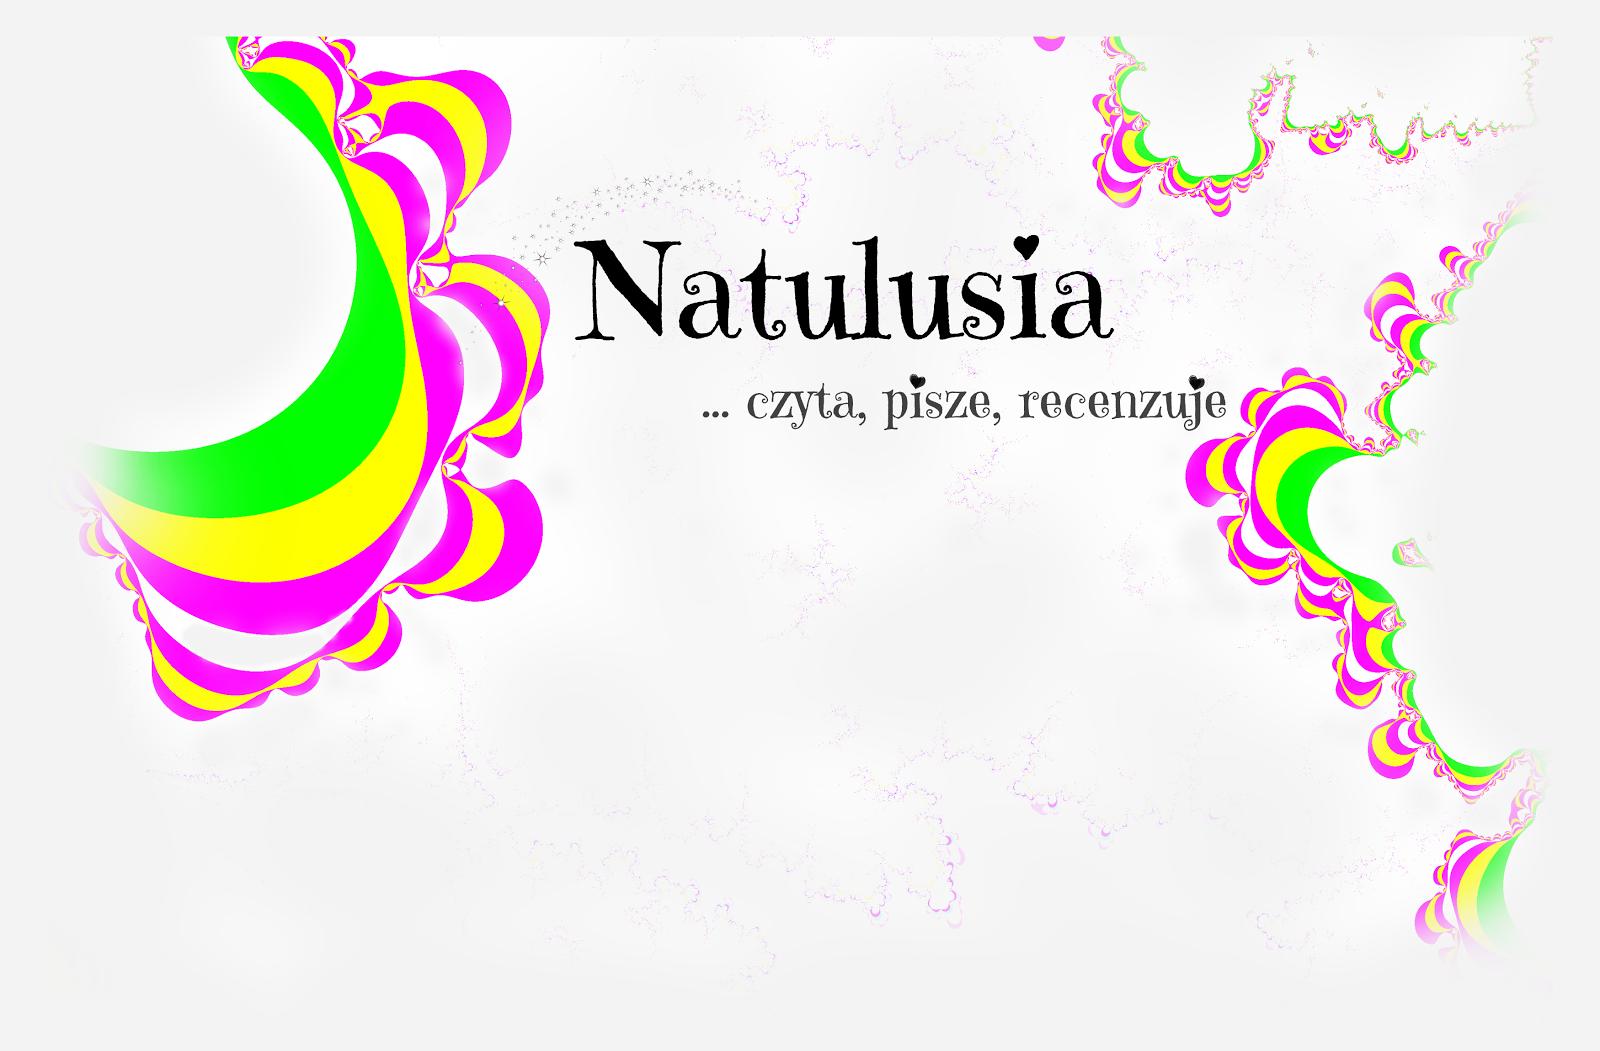 Natulusia czyta, pisze, recenzuje